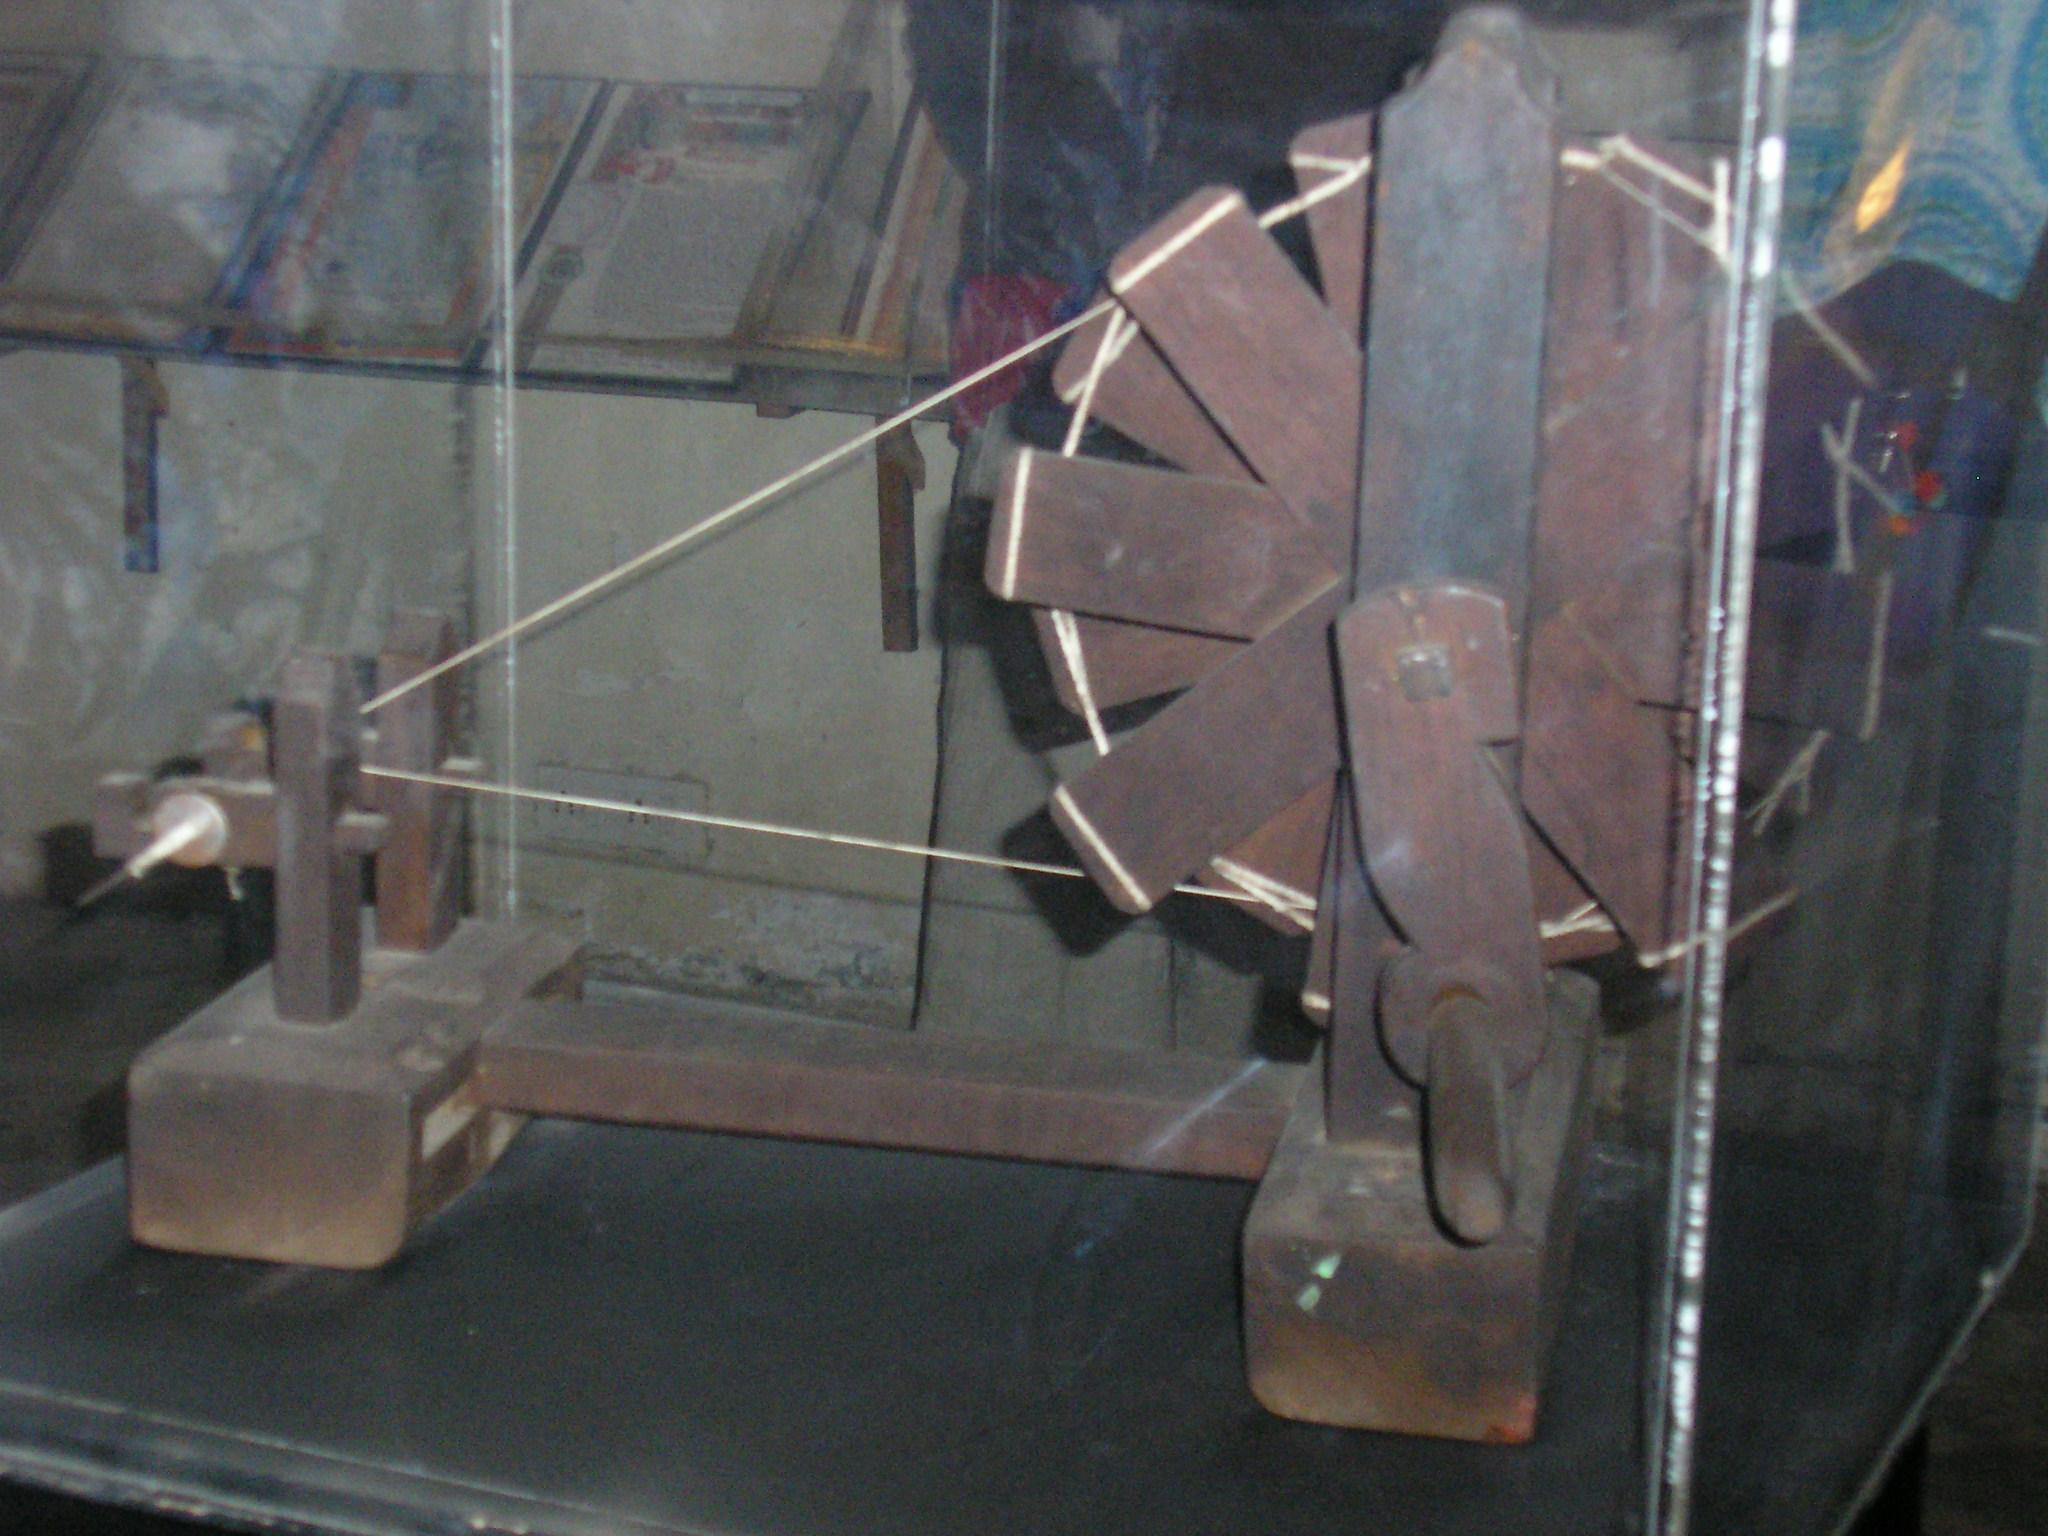 Textiles in Depth: Handloom Weaving in India, Part Three